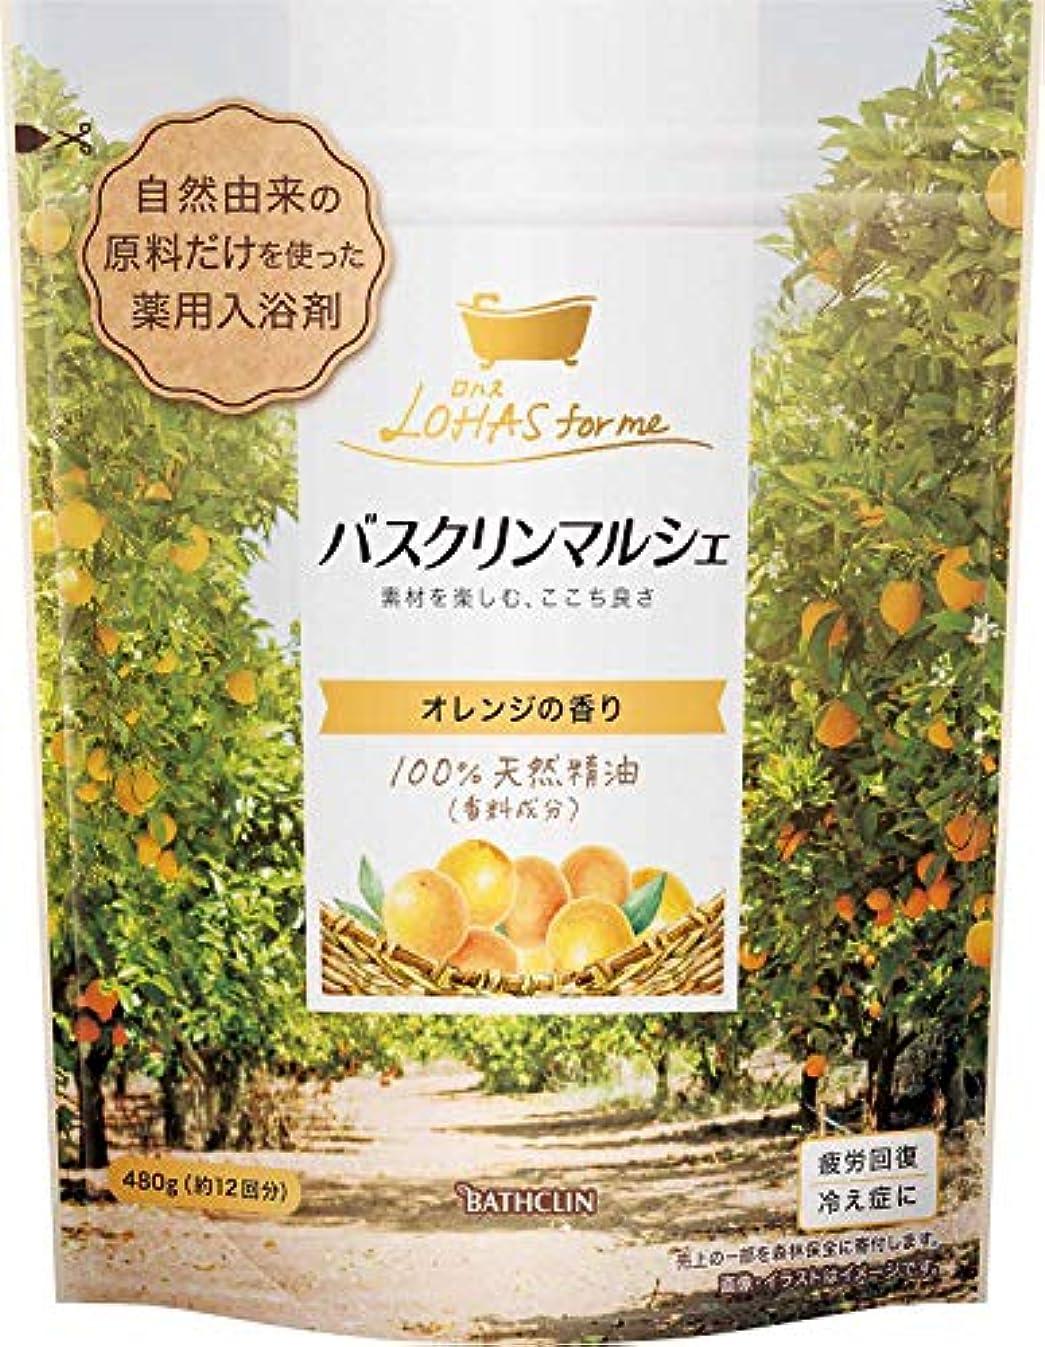 ポンド払い戻し空白【医薬部外品/合成香料無添加】バスクリンマルシェ入浴剤 オレンジの香り480g 自然派ほのかなやさしい香り